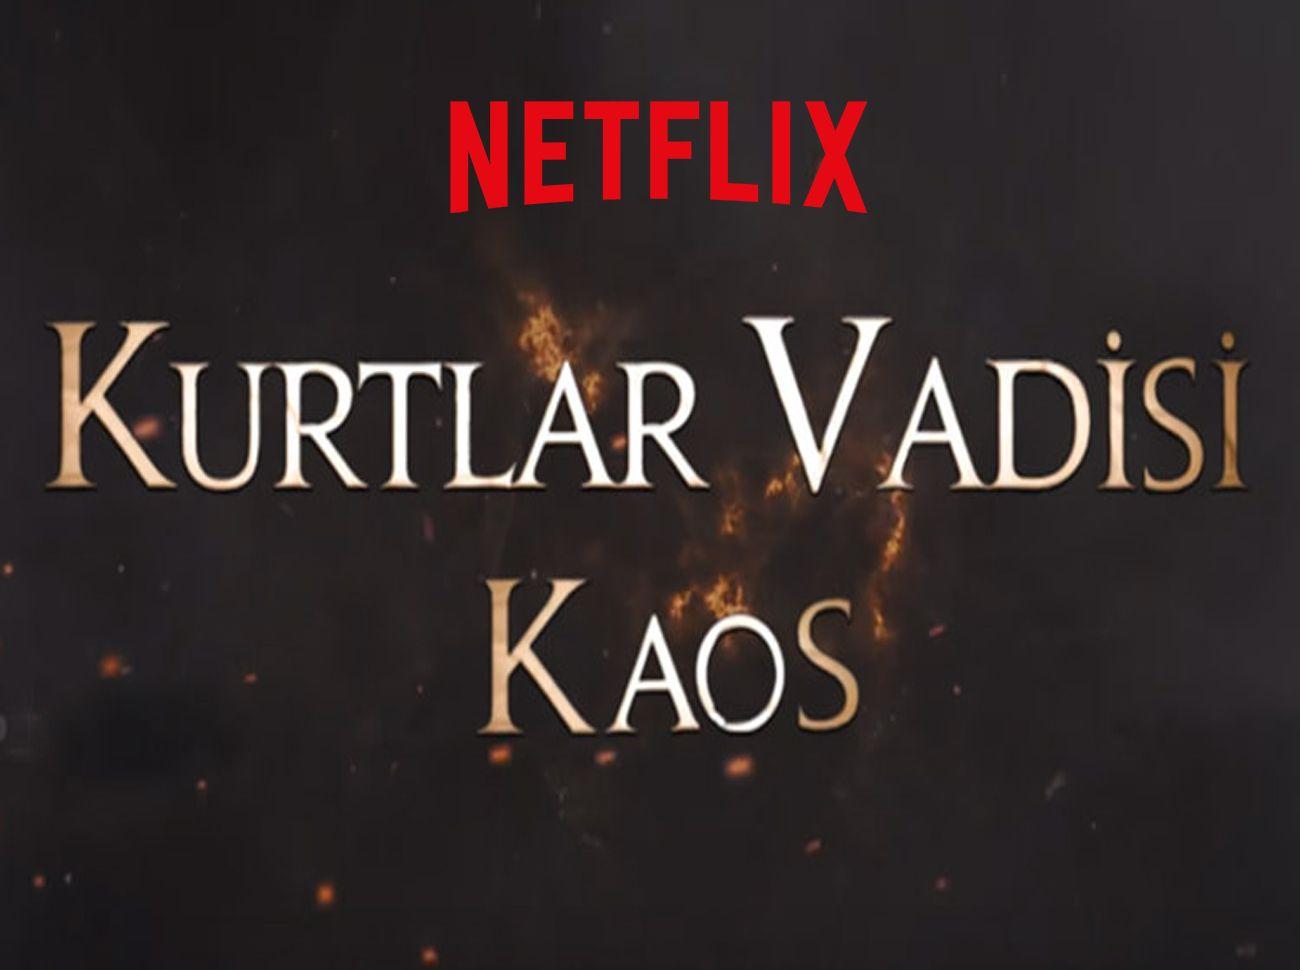 Kurtlar Vadisi Netflix İle Anlaştı Haberi Doğru Mu?